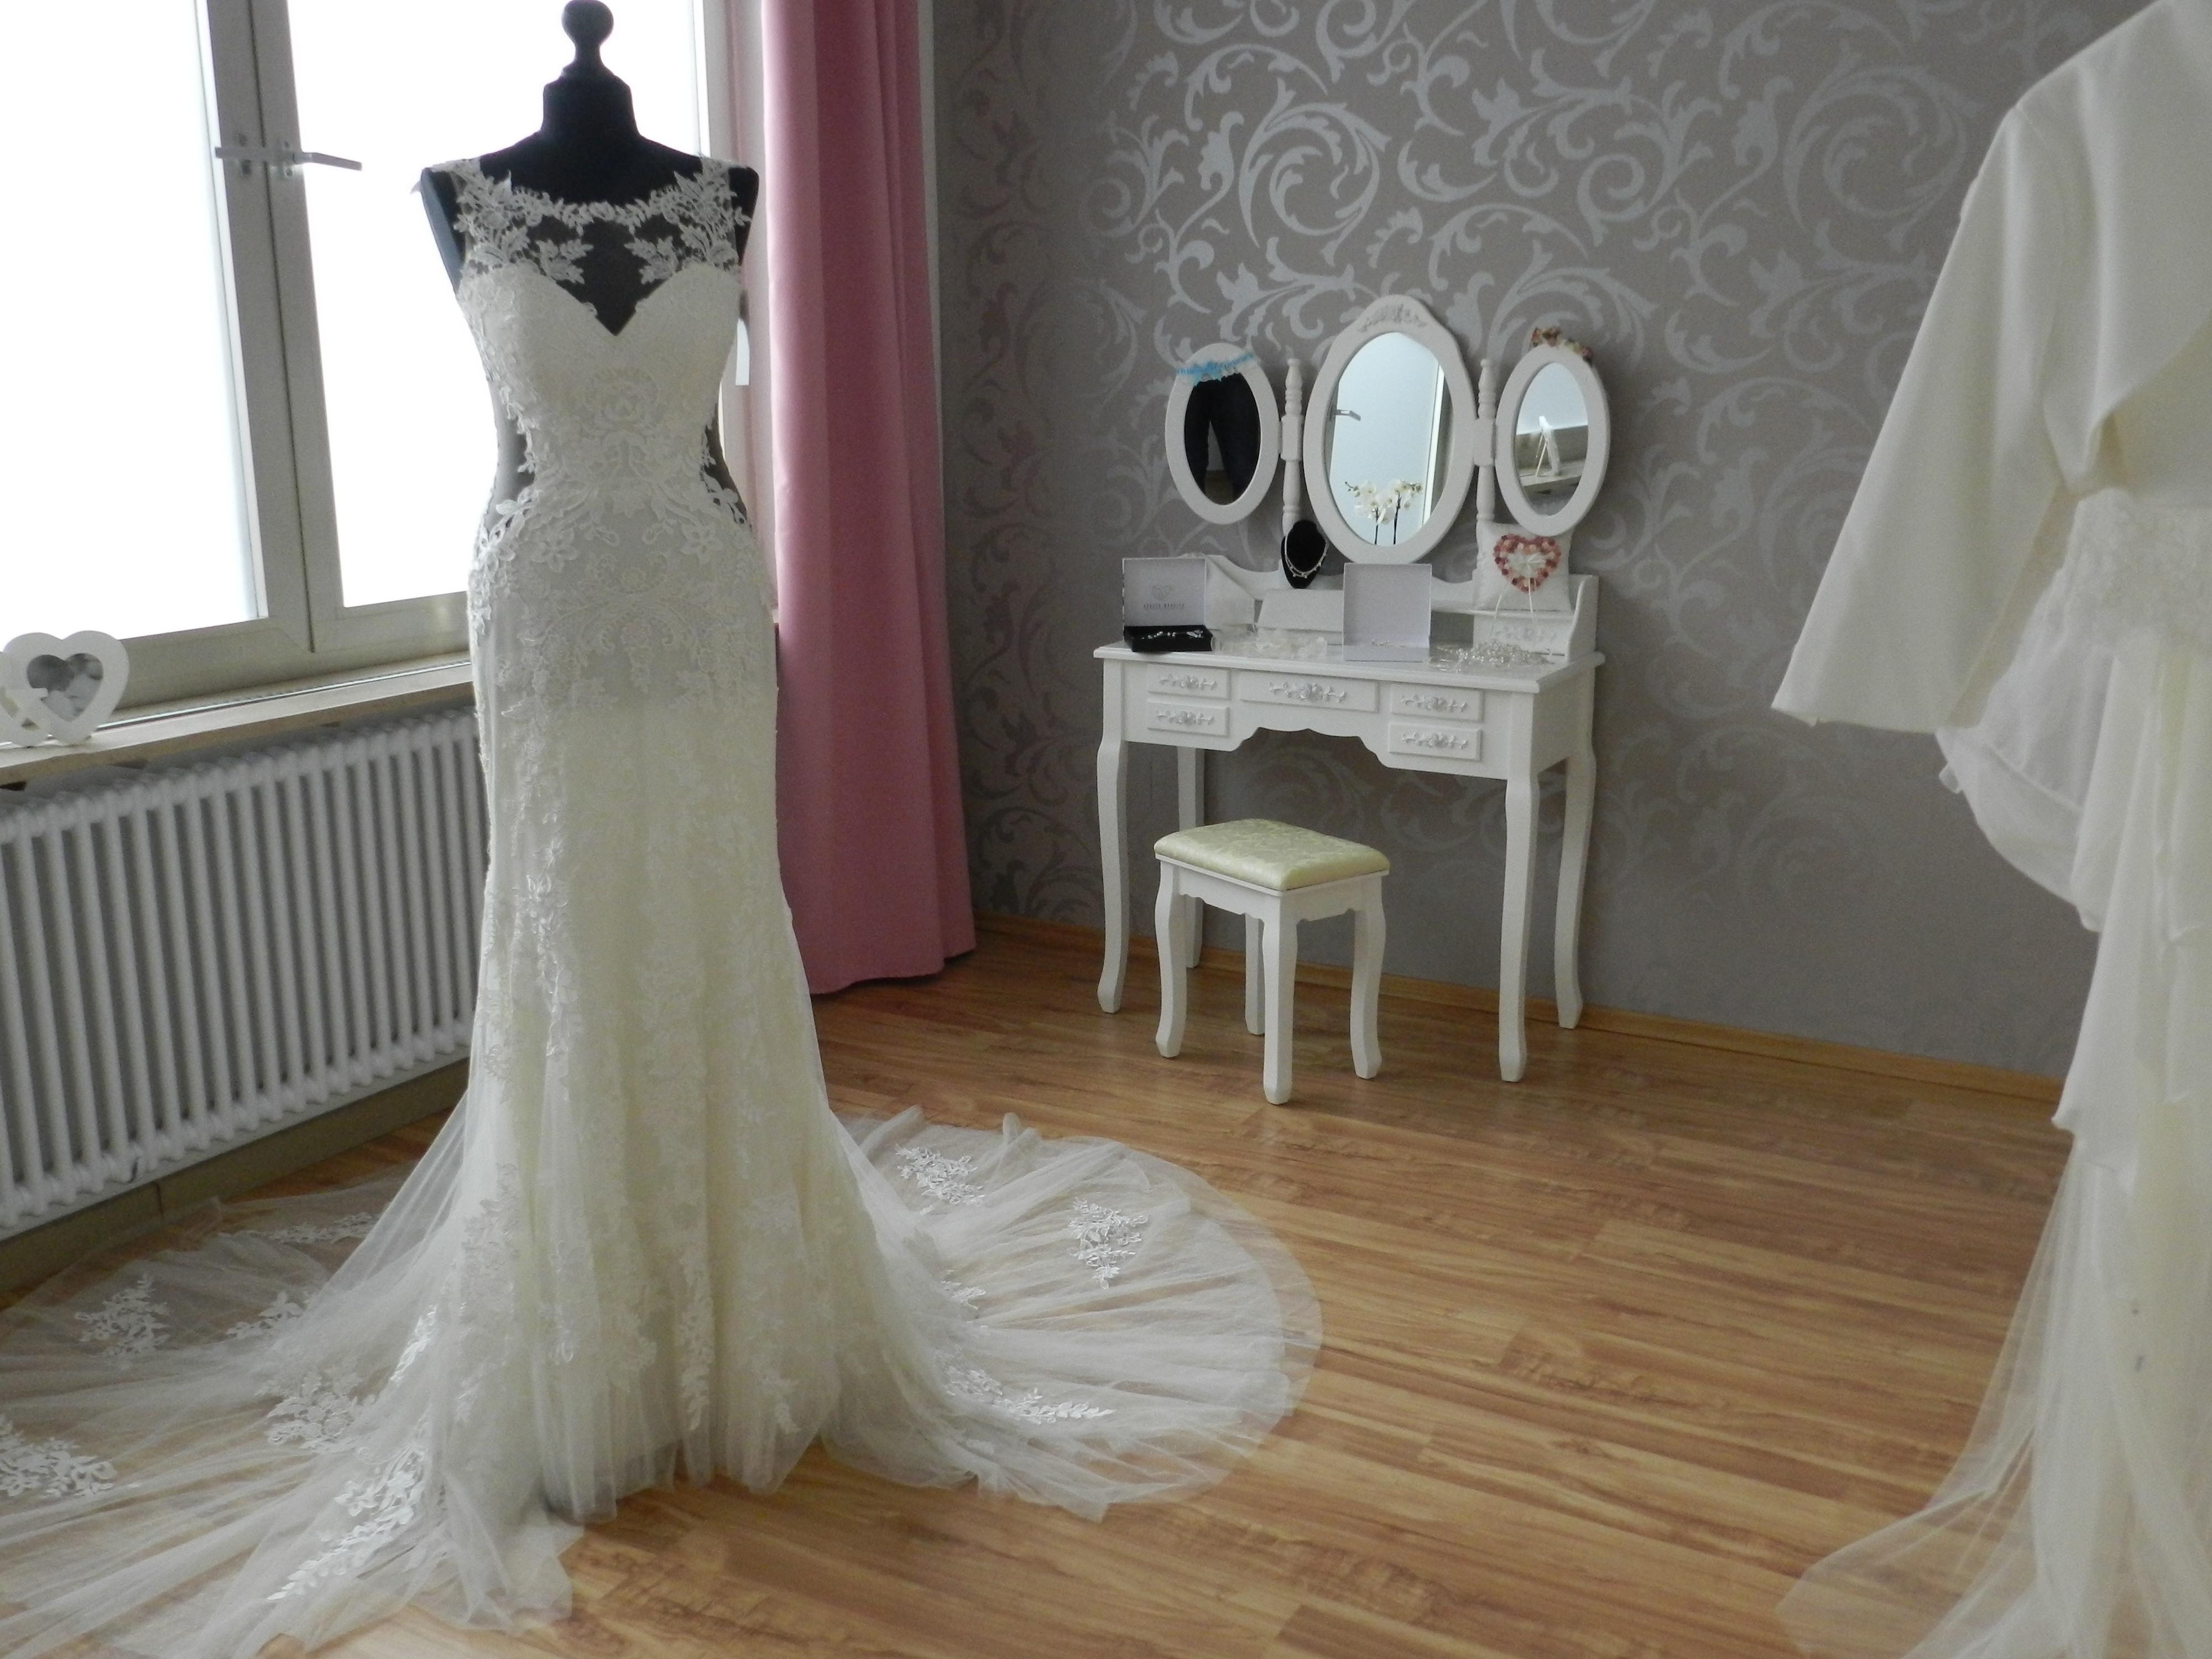 17 Großartig Brautmodengeschäft Vertrieb Einzigartig Brautmodengeschäft Design